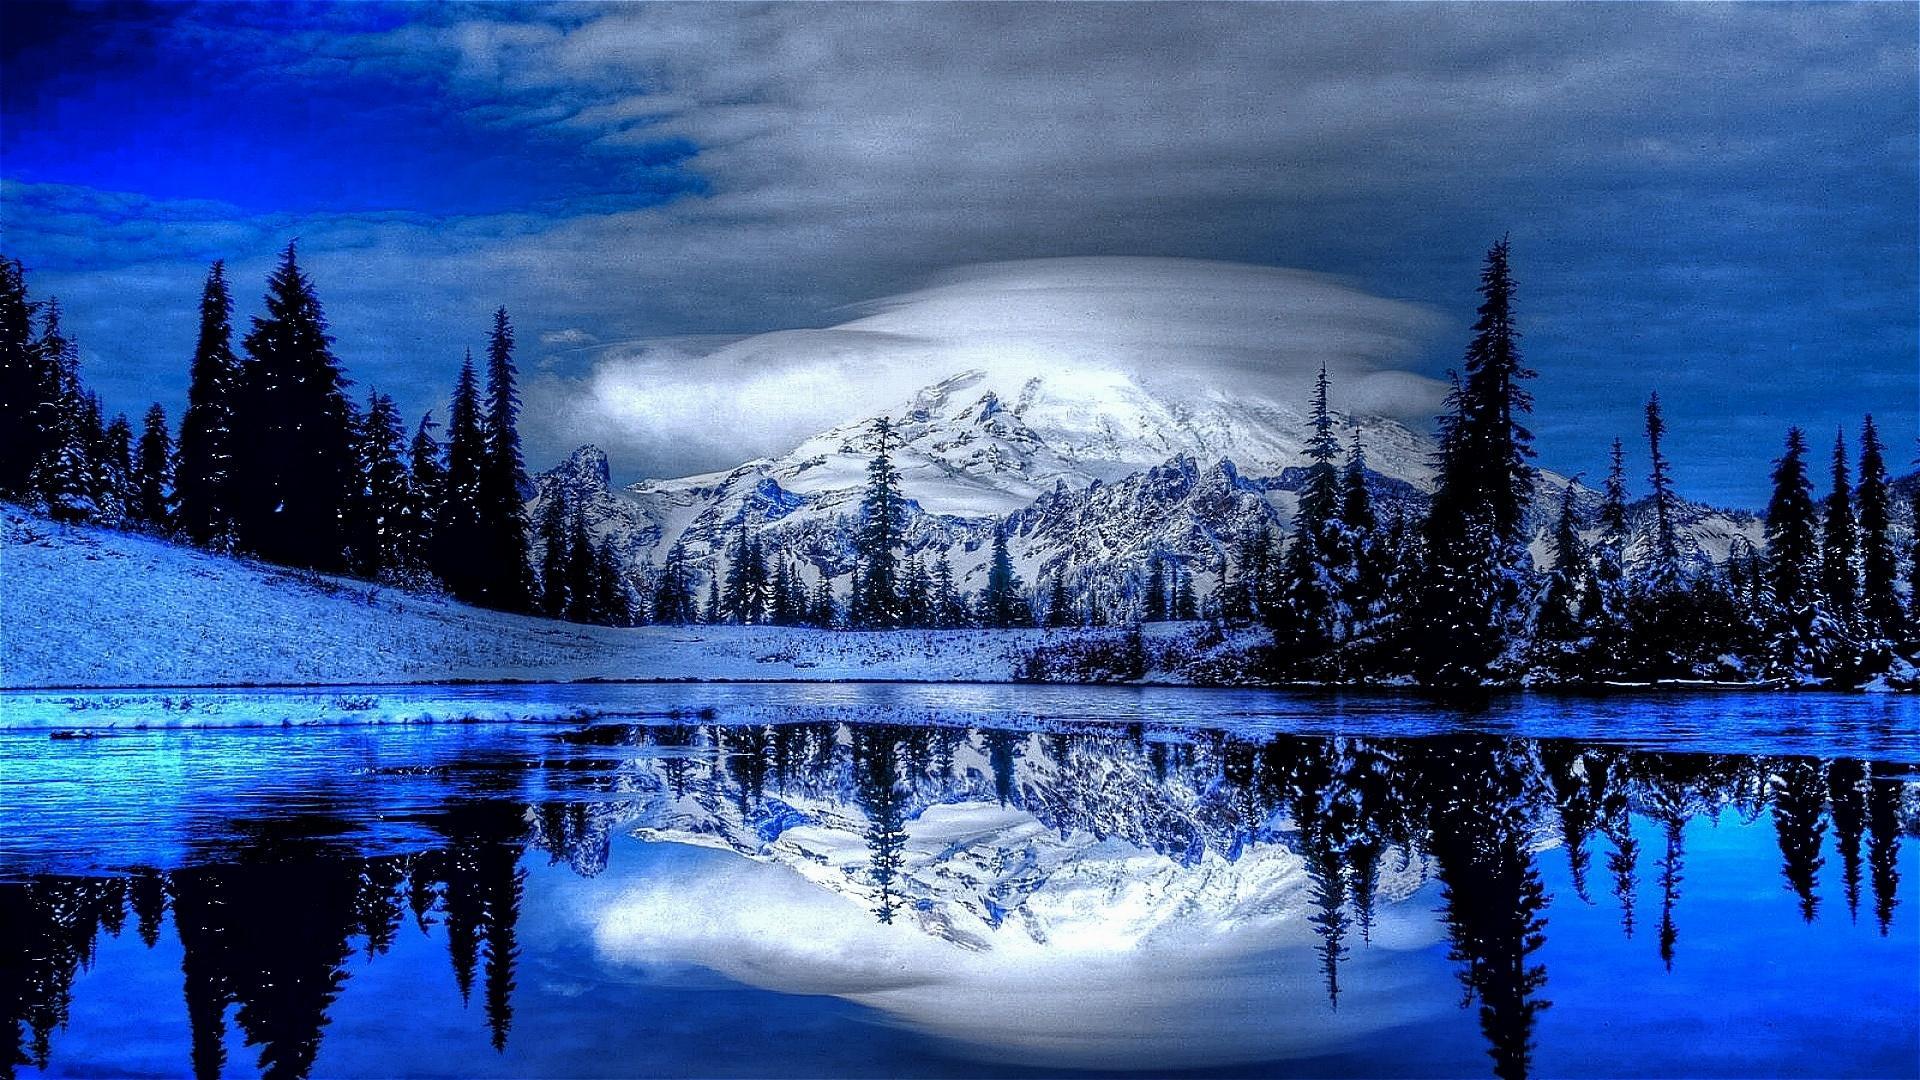 Winter Wonderland HD desktop wallpaper : High Definition ...